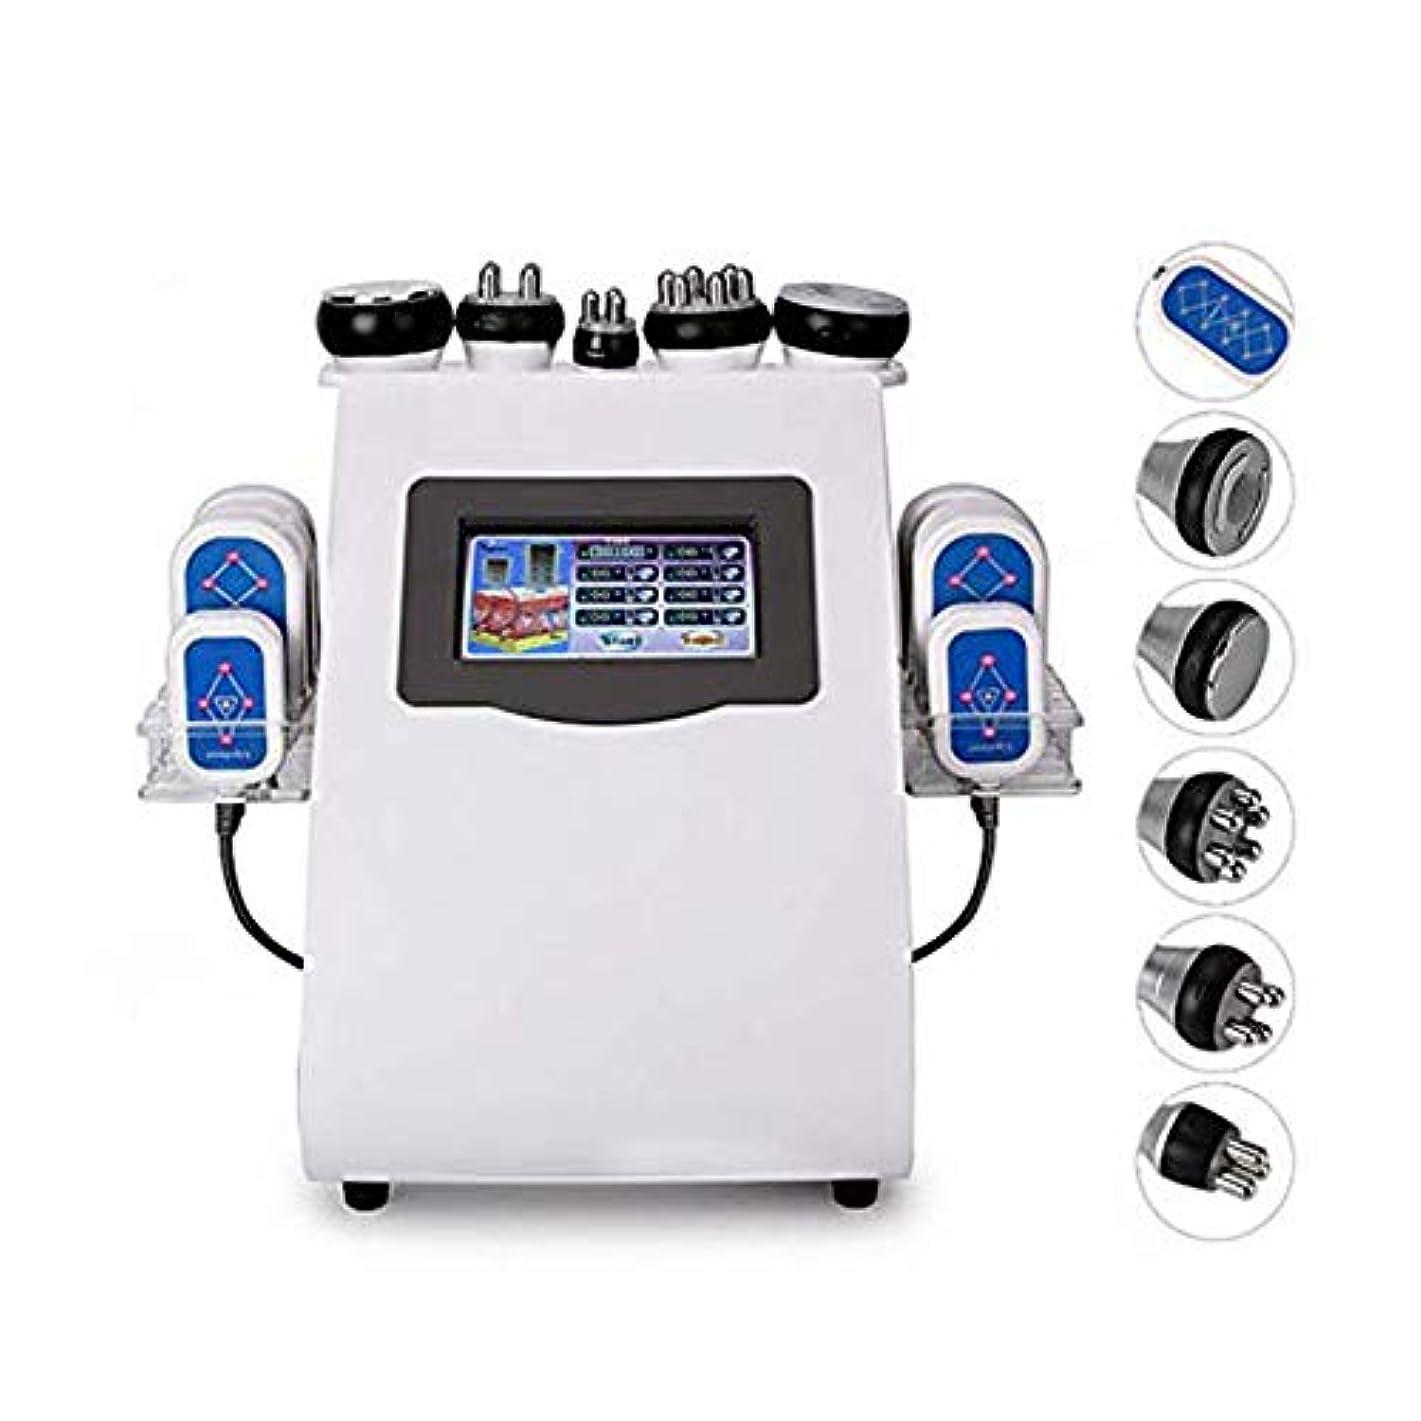 記事乳剤カビ超音波キャビテーション抗セルライトネガティブボディ痩身マシン、脂肪燃焼と無線周波数アンチエイジングスキンリフティング引き締めしわ美容機器の除去